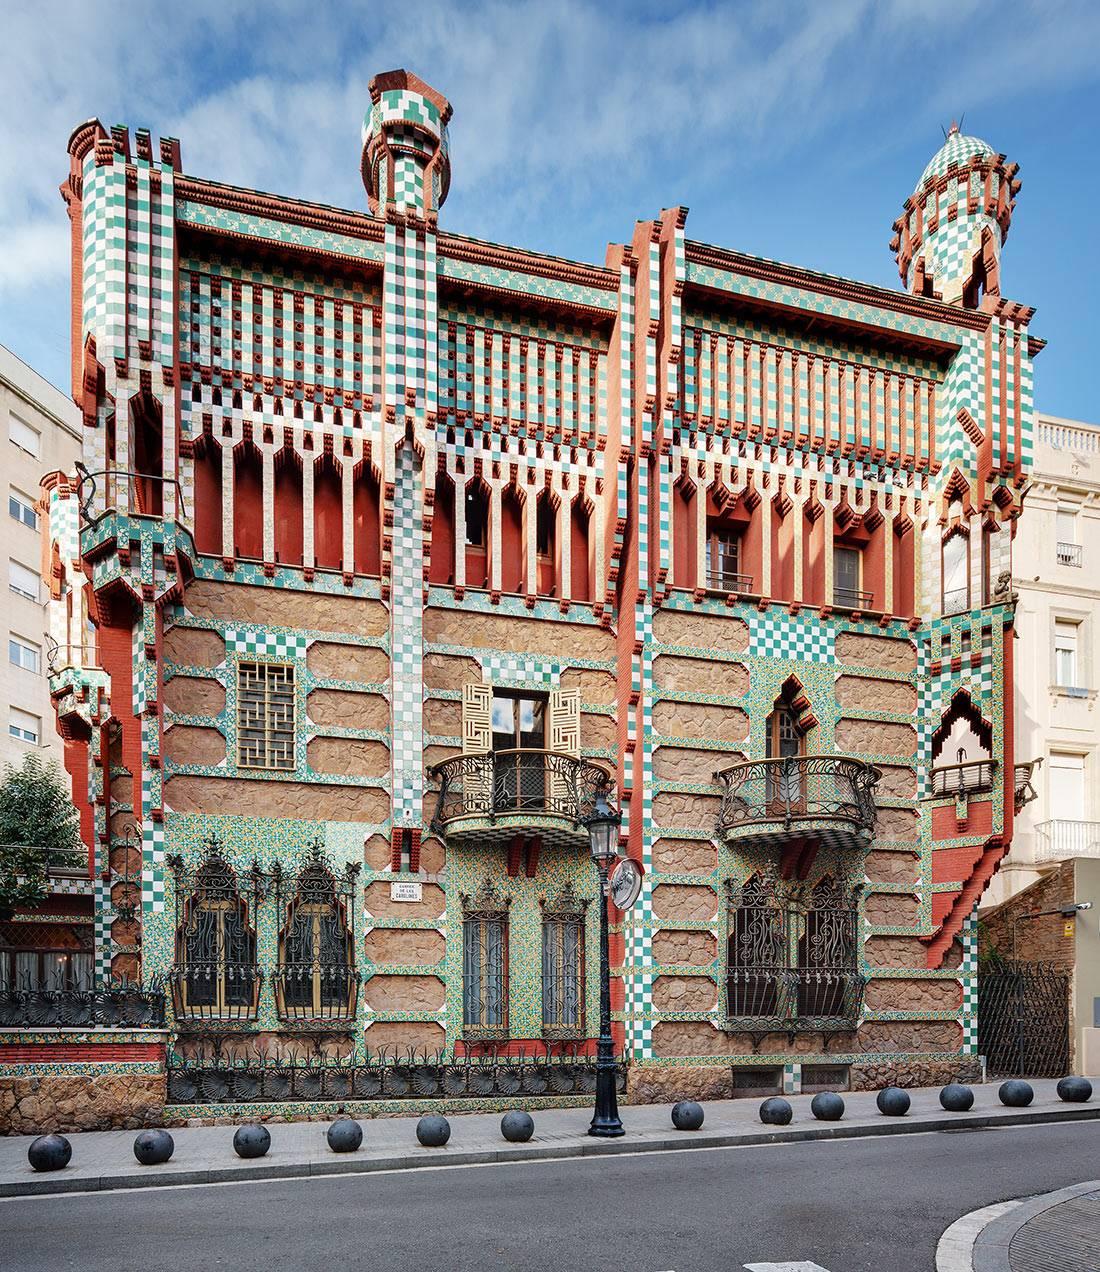 Необыкновенная архитектура гауди в барселоне